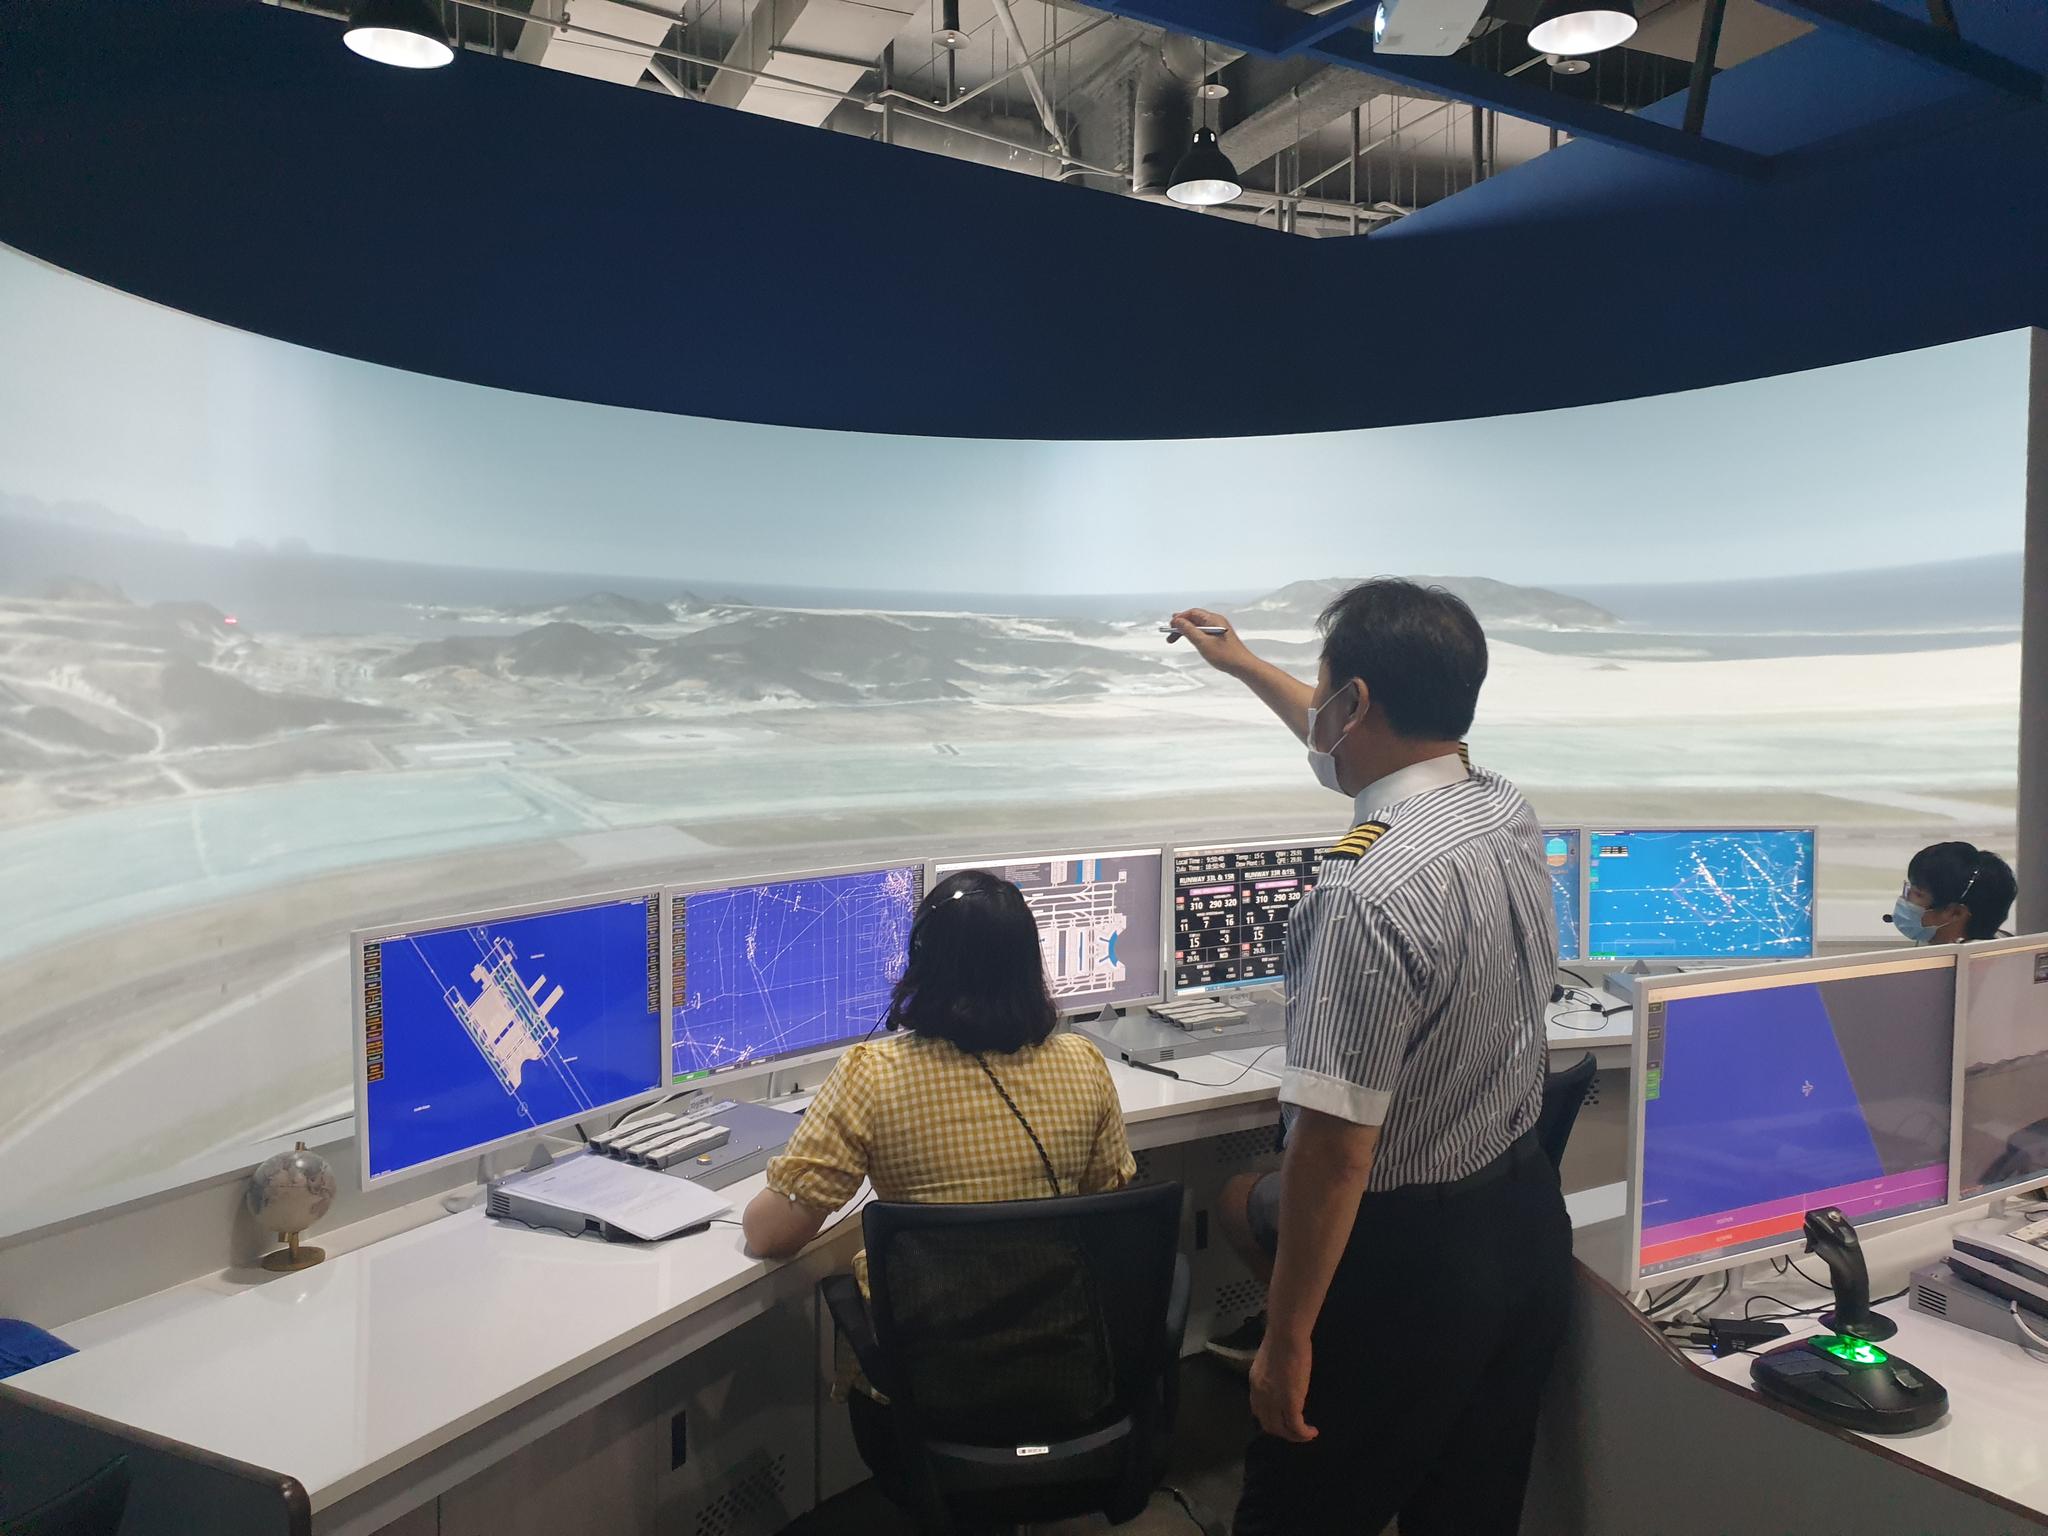 국립항공박물관에서는 항공기 관제사 체험을 할 수 있다. [강갑생 기자]